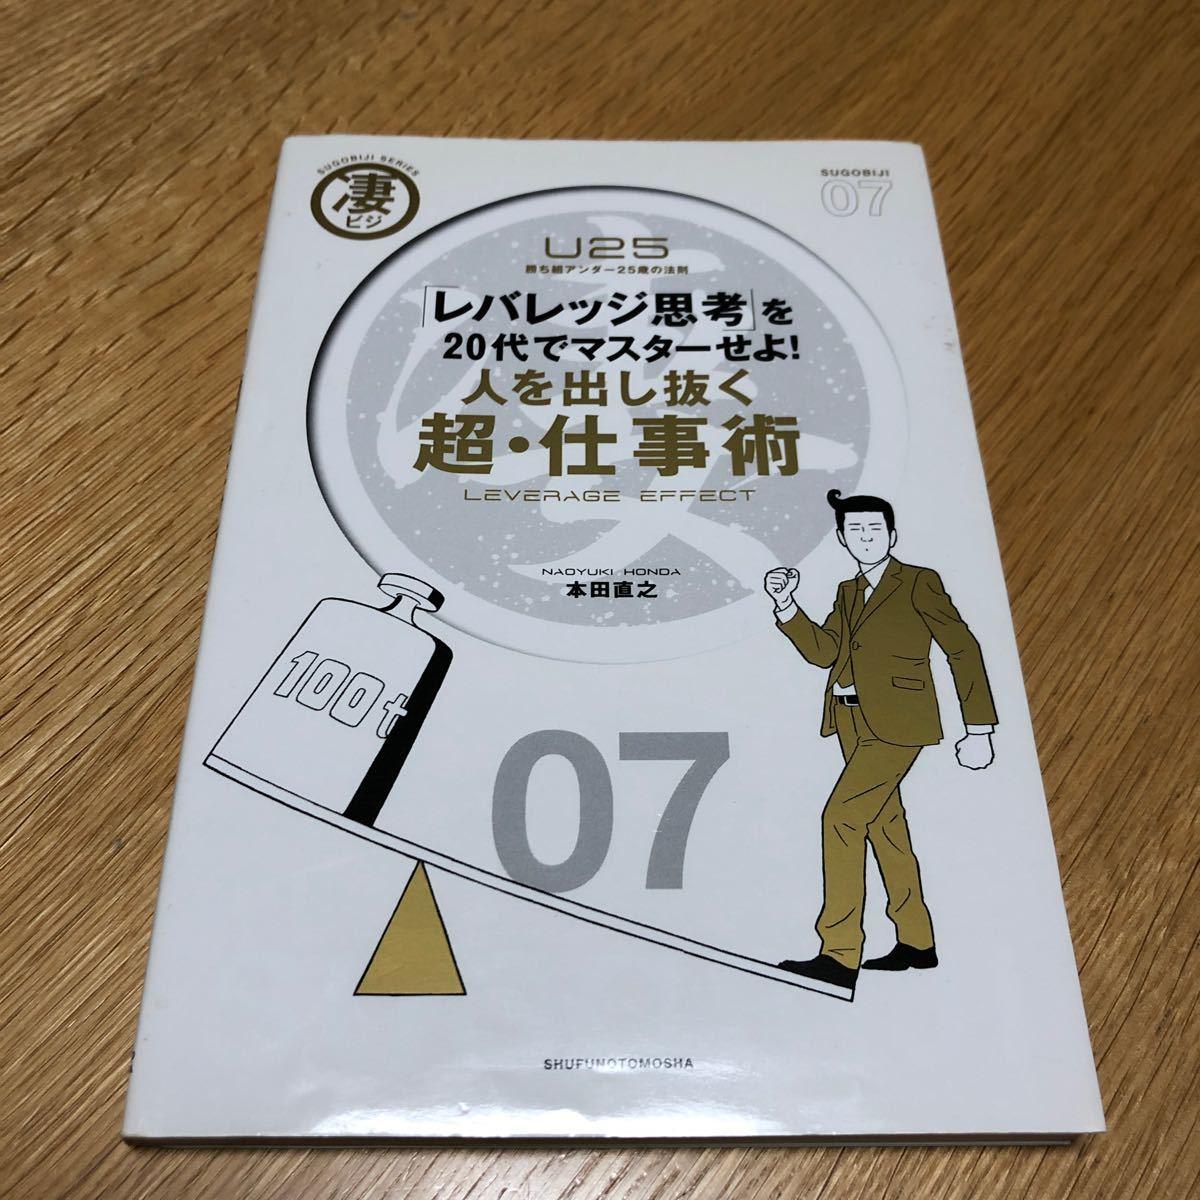 本田直之 3冊セット レバレッジ・マネジメント 面倒くさがりやのあなたがうまくいく55の法則 ちょう・仕事術